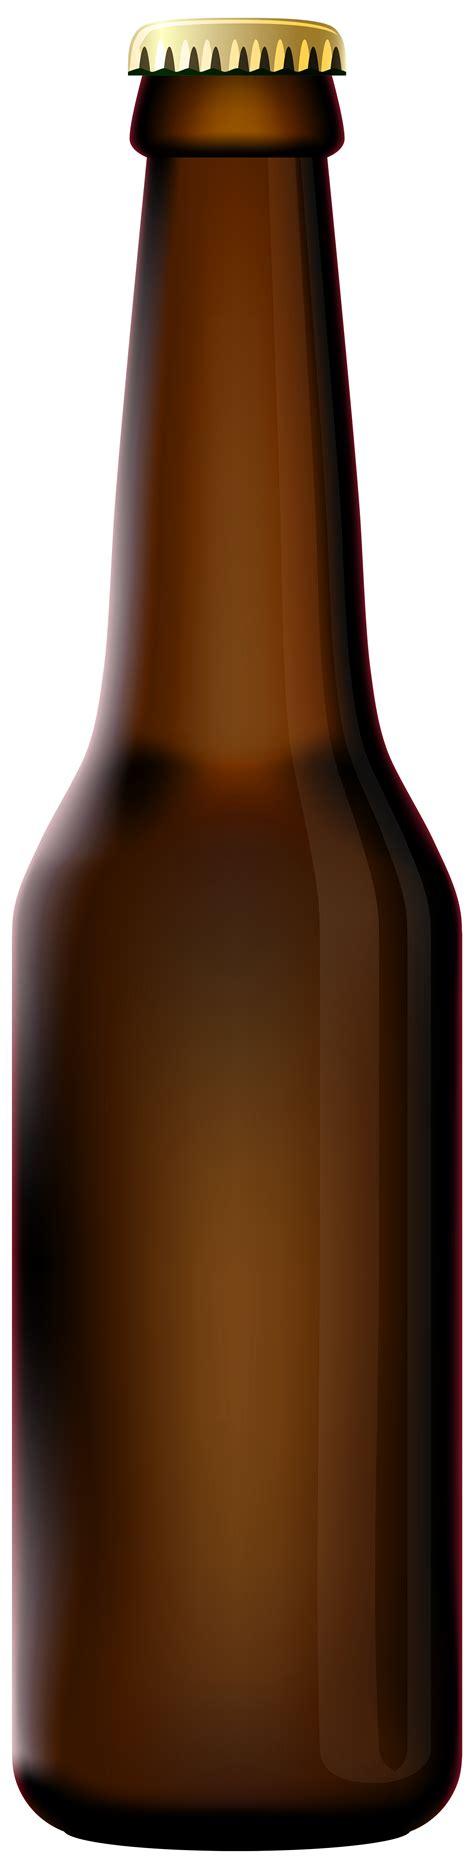 Bottle Clip Brown Bottles Png Clipart